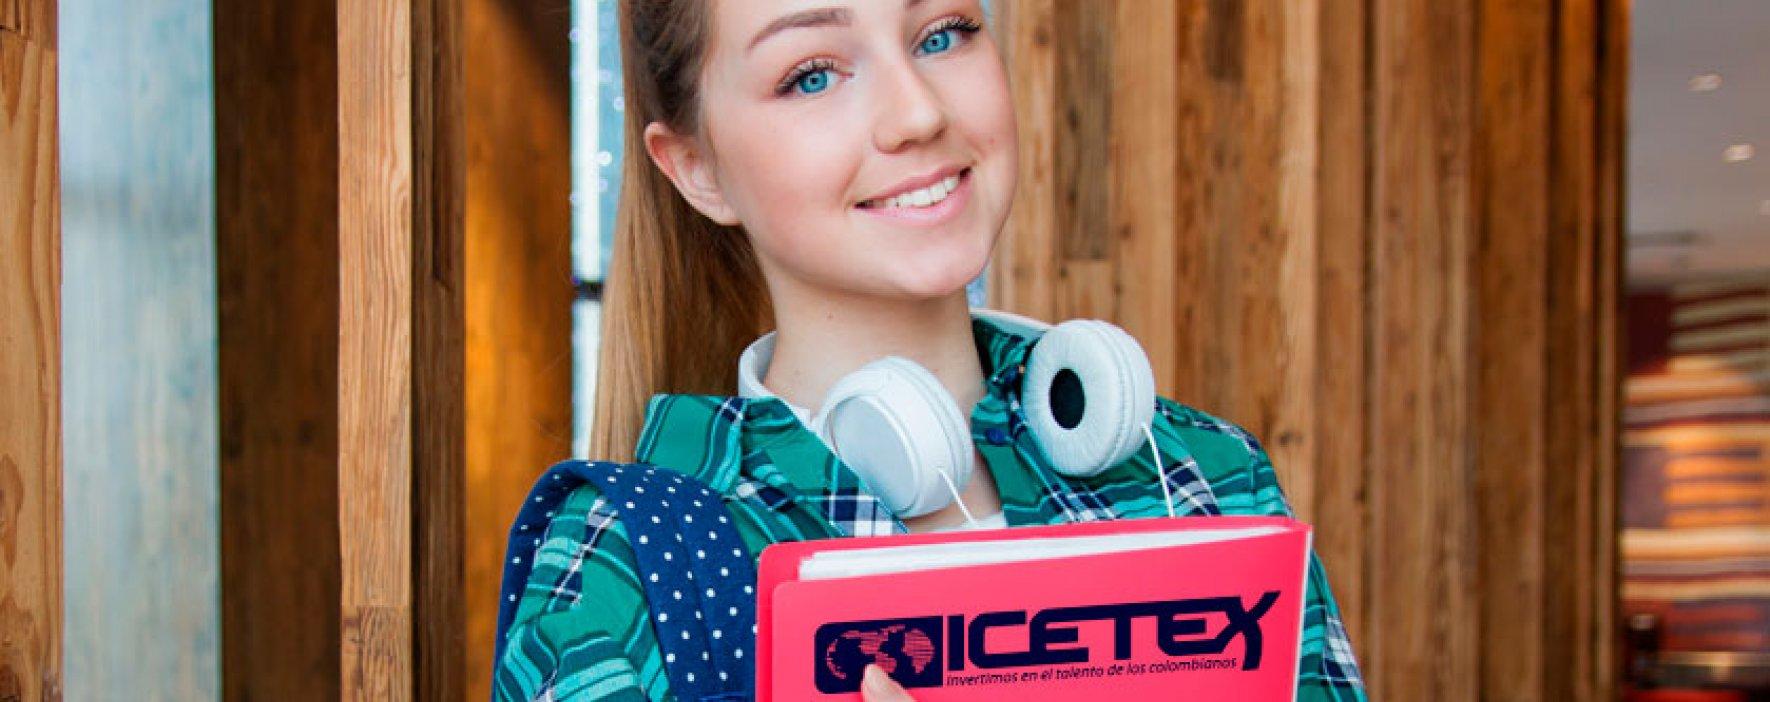 ICETEX extiende el plazo para participar en la convocatoria nacional de crédito educativo